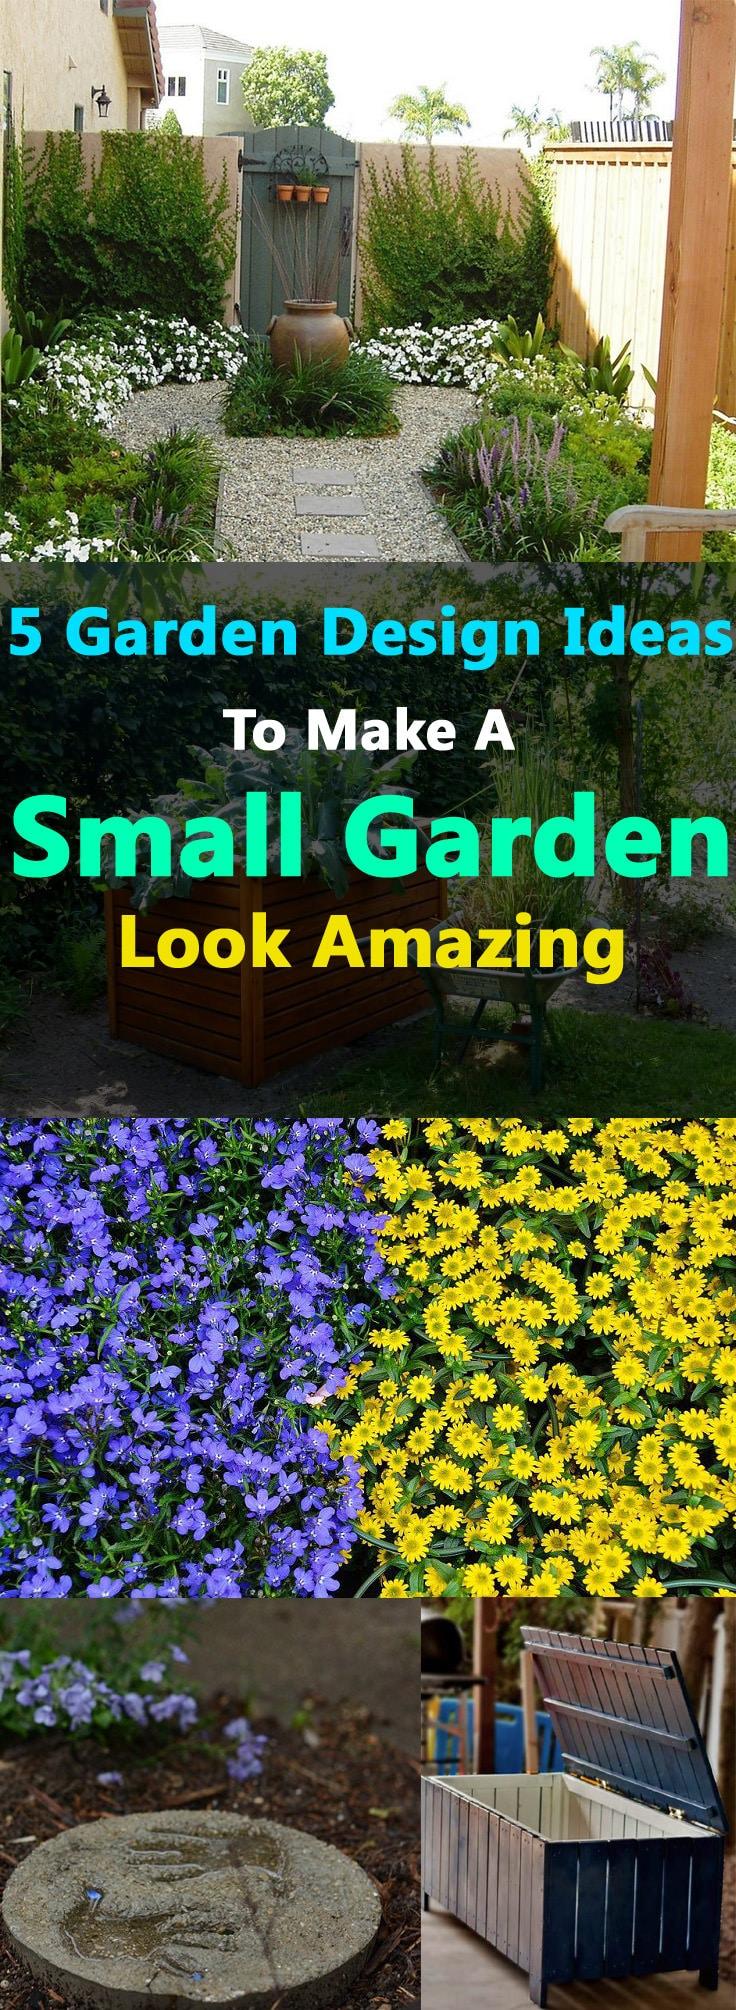 5 Garden Design Ideas To Make A Small Garden Look Amazing ... on Small Landscape Garden Ideas id=34158